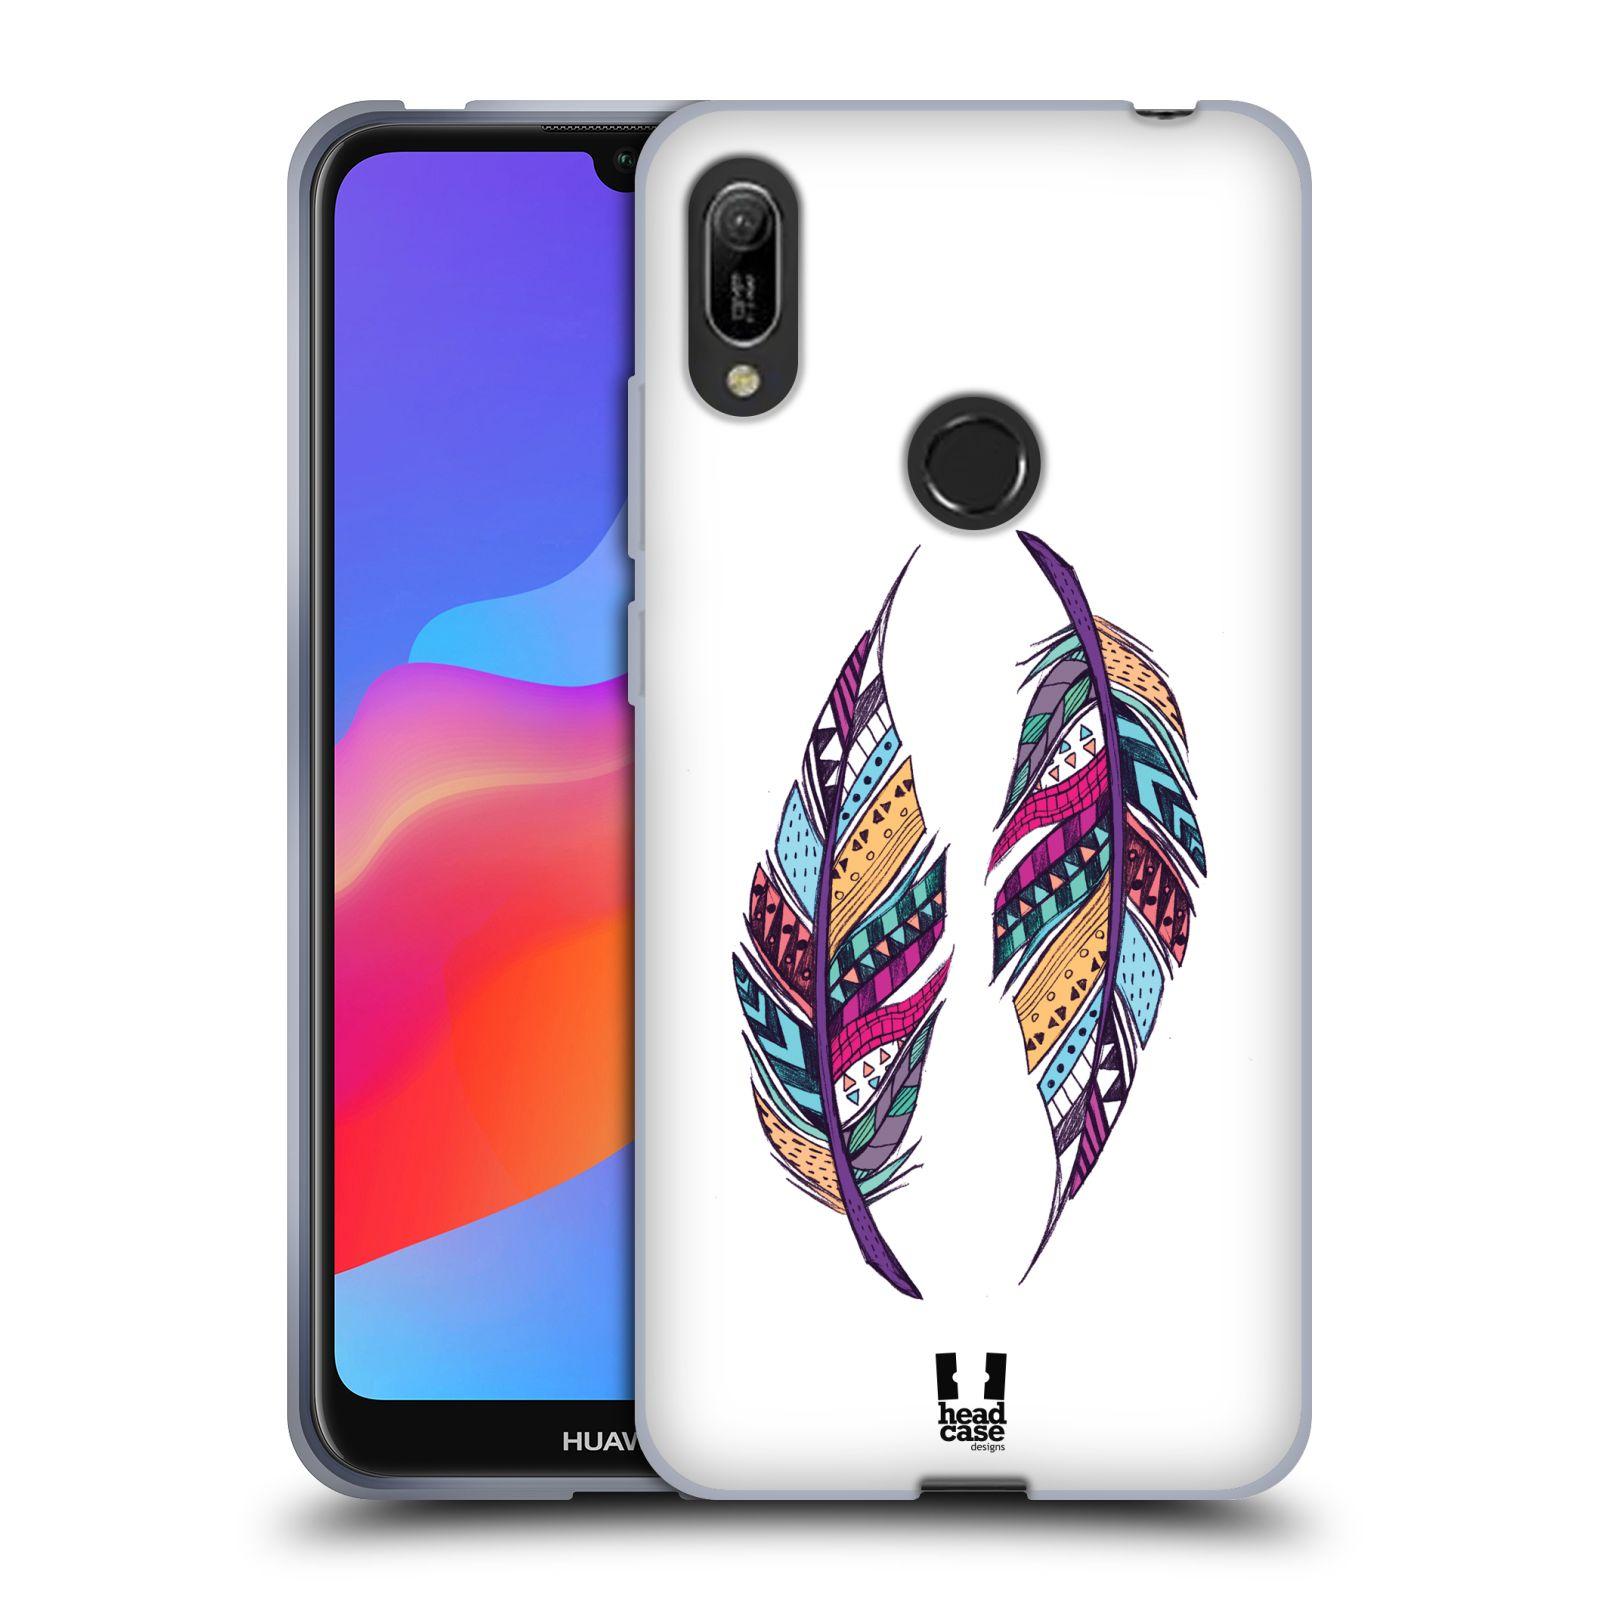 Silikonové pouzdro na mobil Huawei Y6 (2019) - Head Case - AZTEC PÍRKA